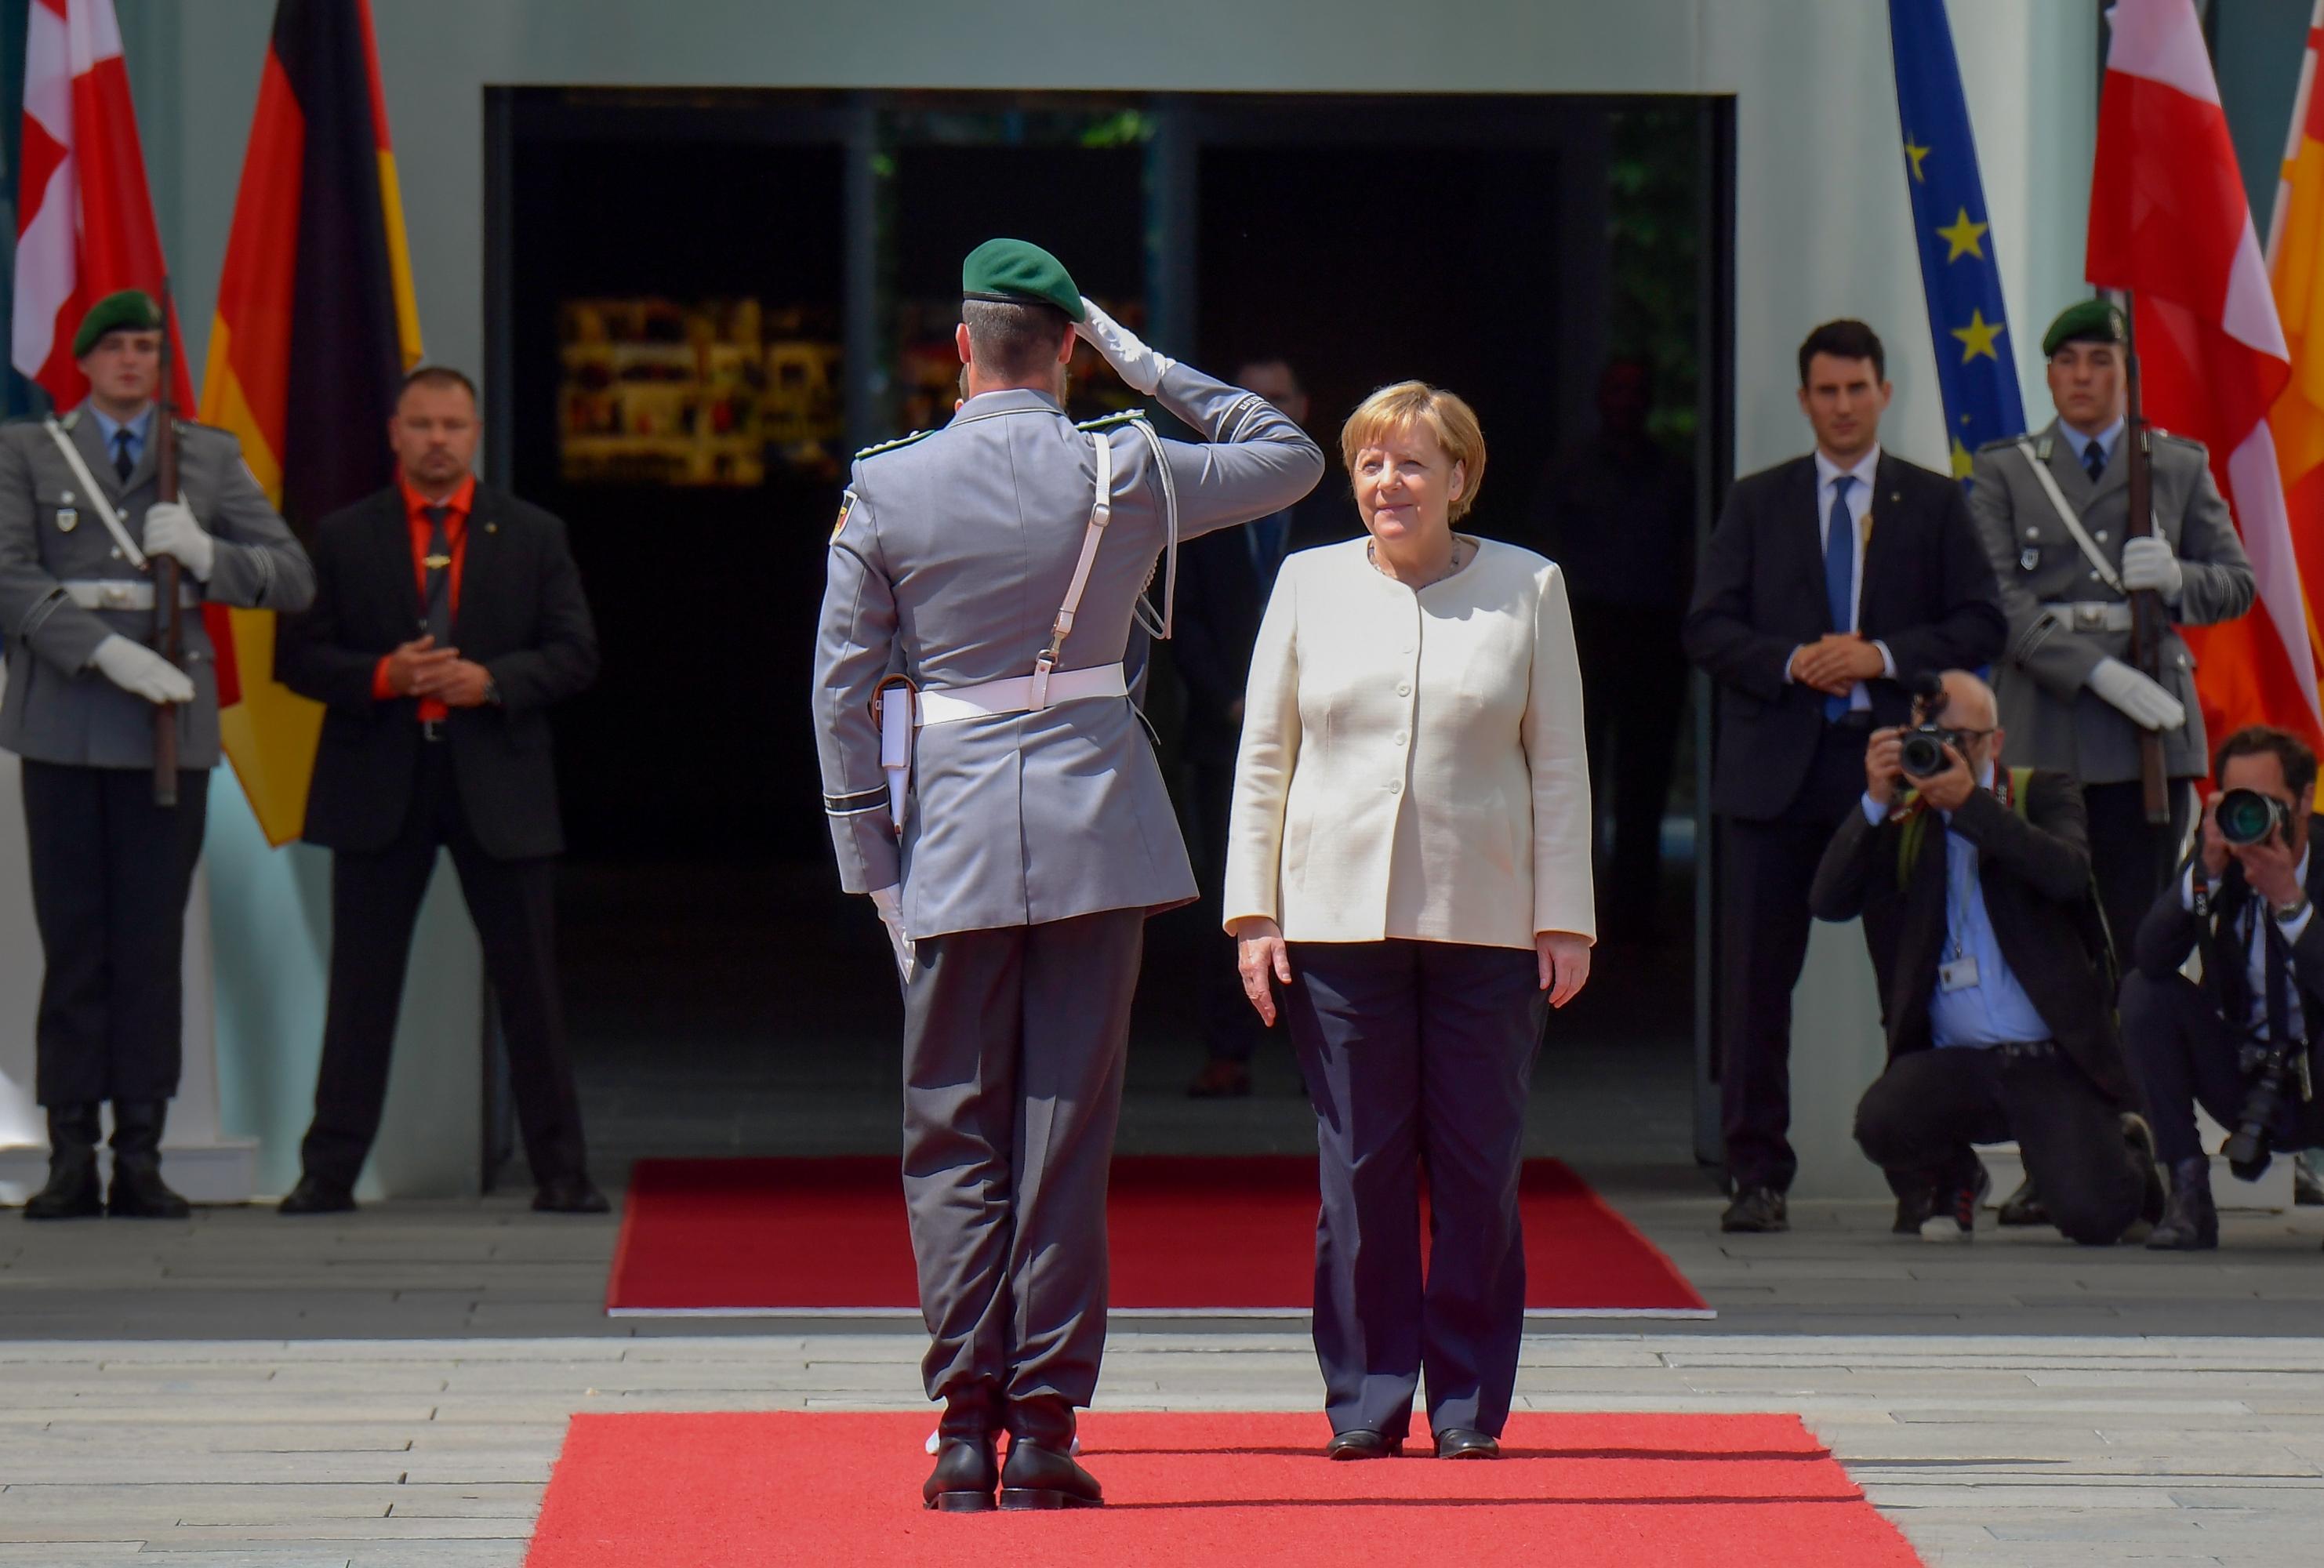 Angela Merkel participó del recibimiento con honores militares de la primera ministra danesa, Mette Frederiksen. (Foto: AFP)